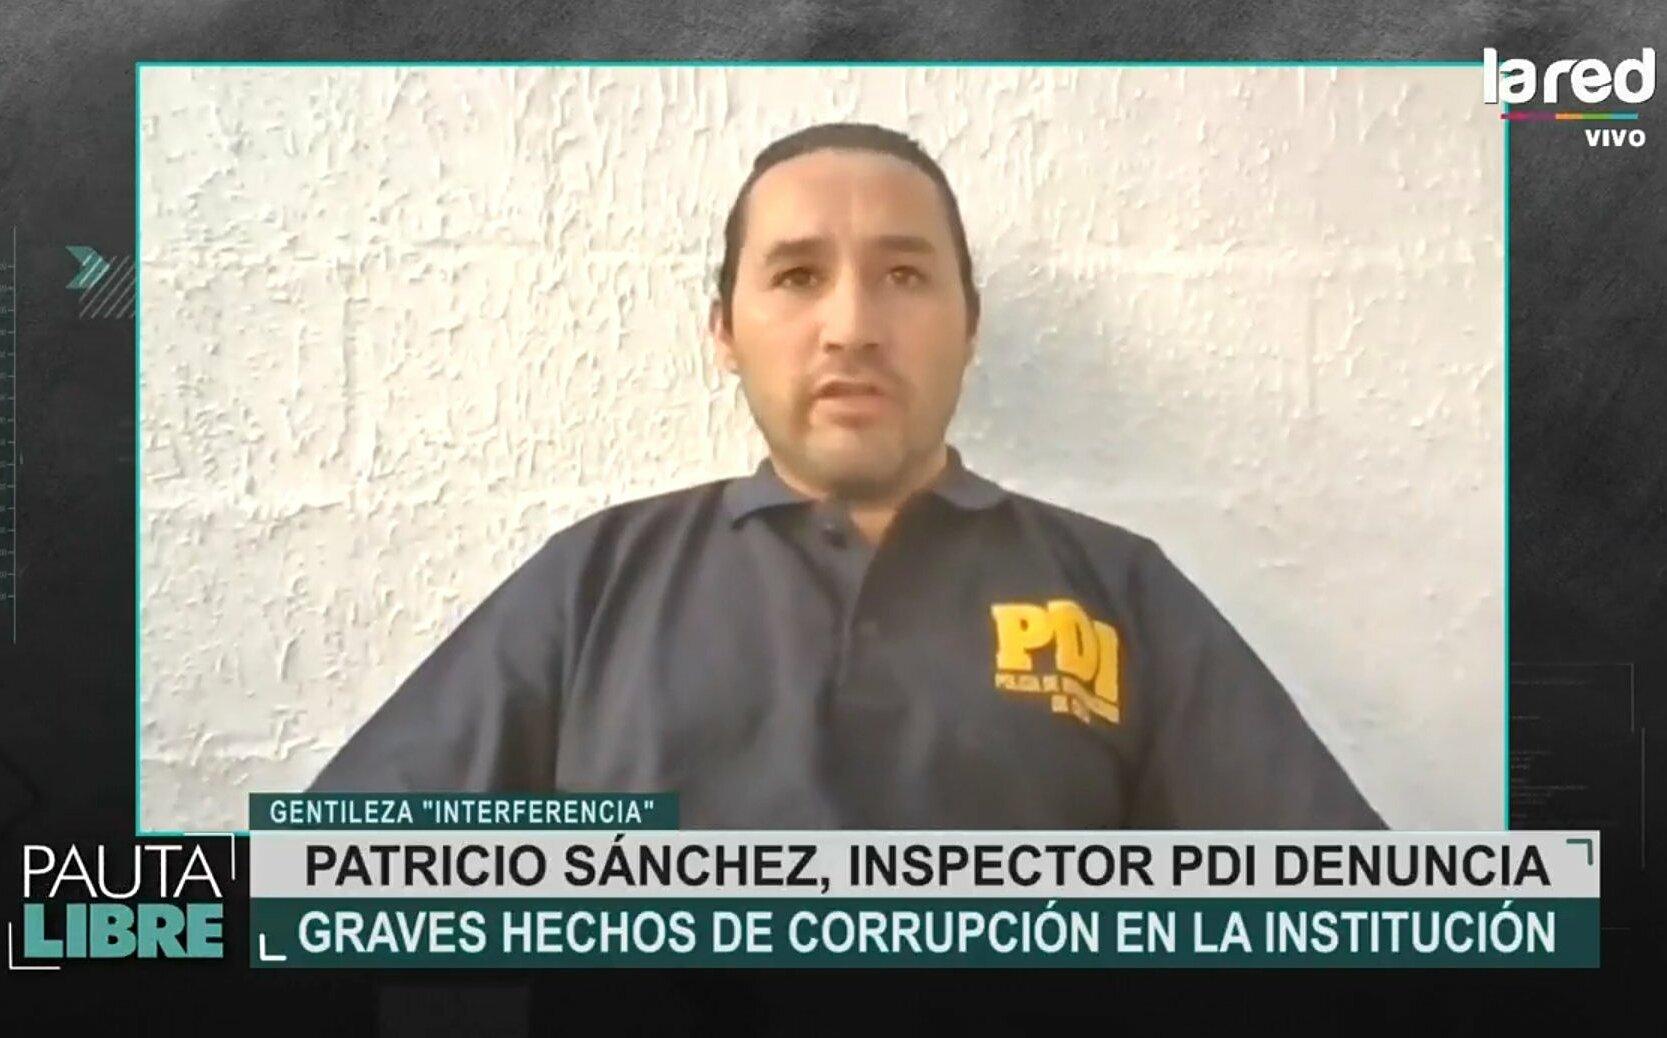 Thám tử Patricio Sánchez tố cáo quan chức cảnh sát của PDI kênh truyền hình. Ảnh: Twitter